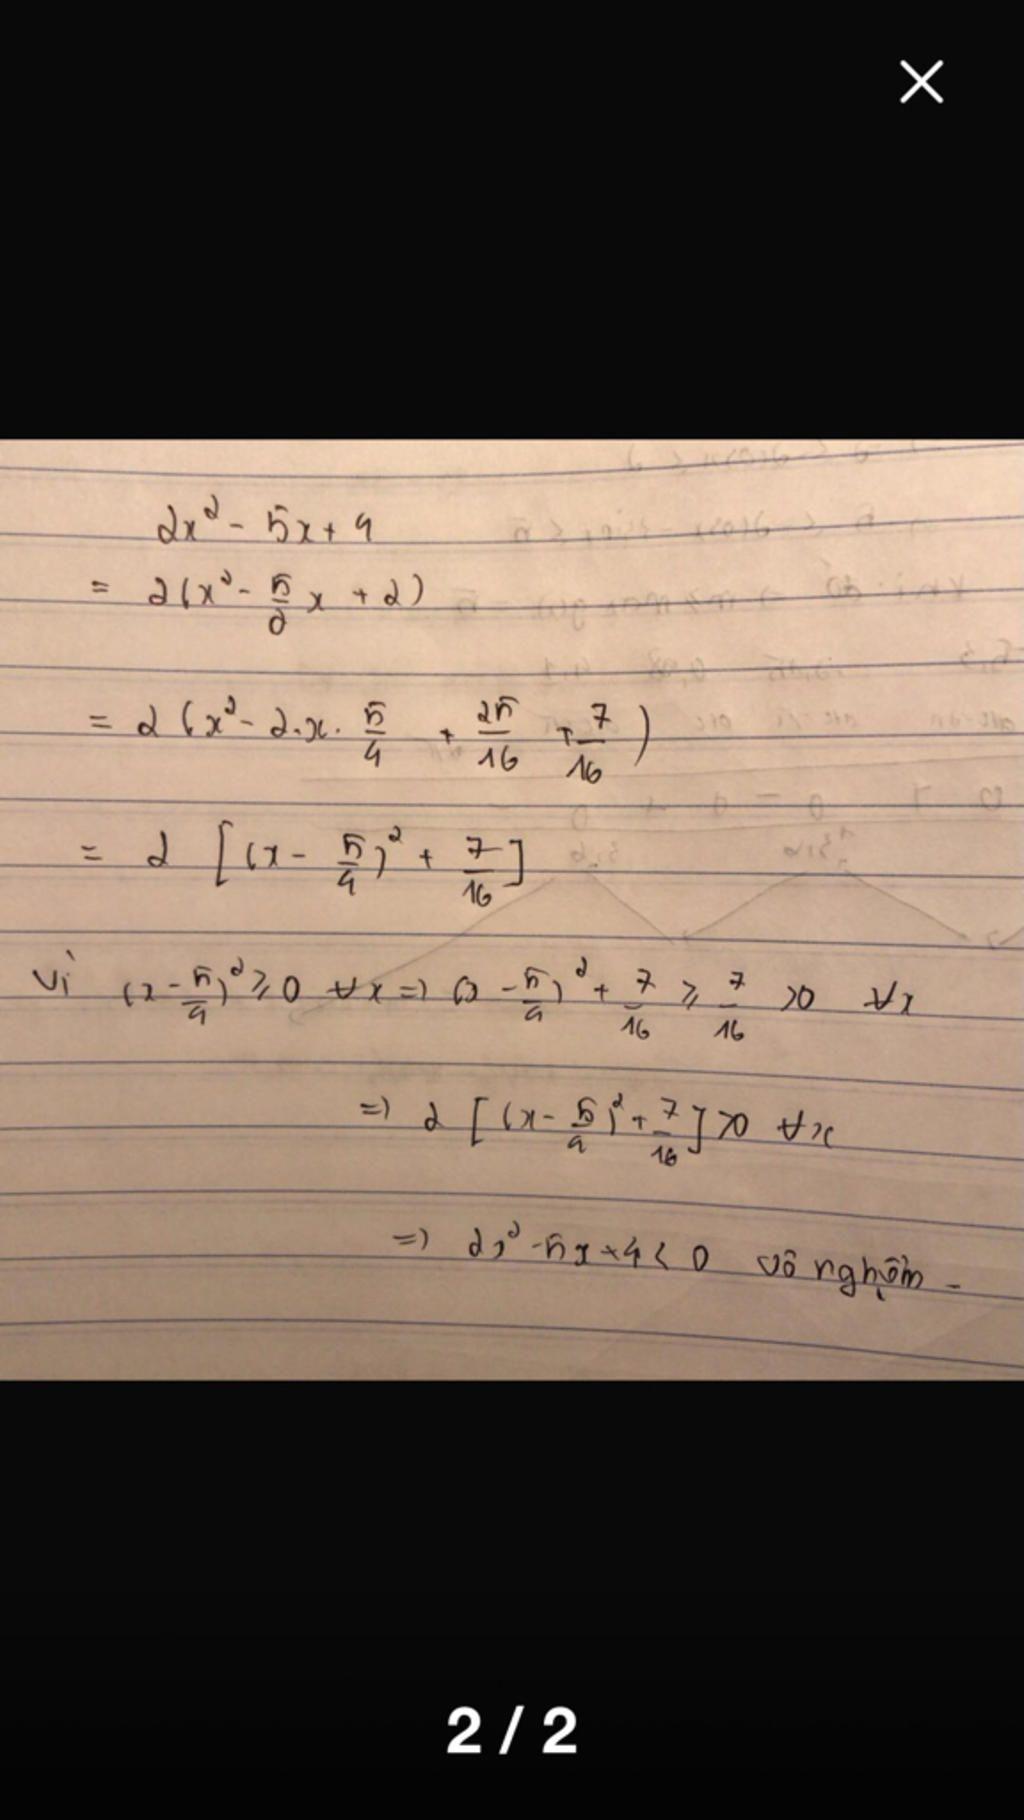 giai-bat-phuong-trinh-2-5-4-0